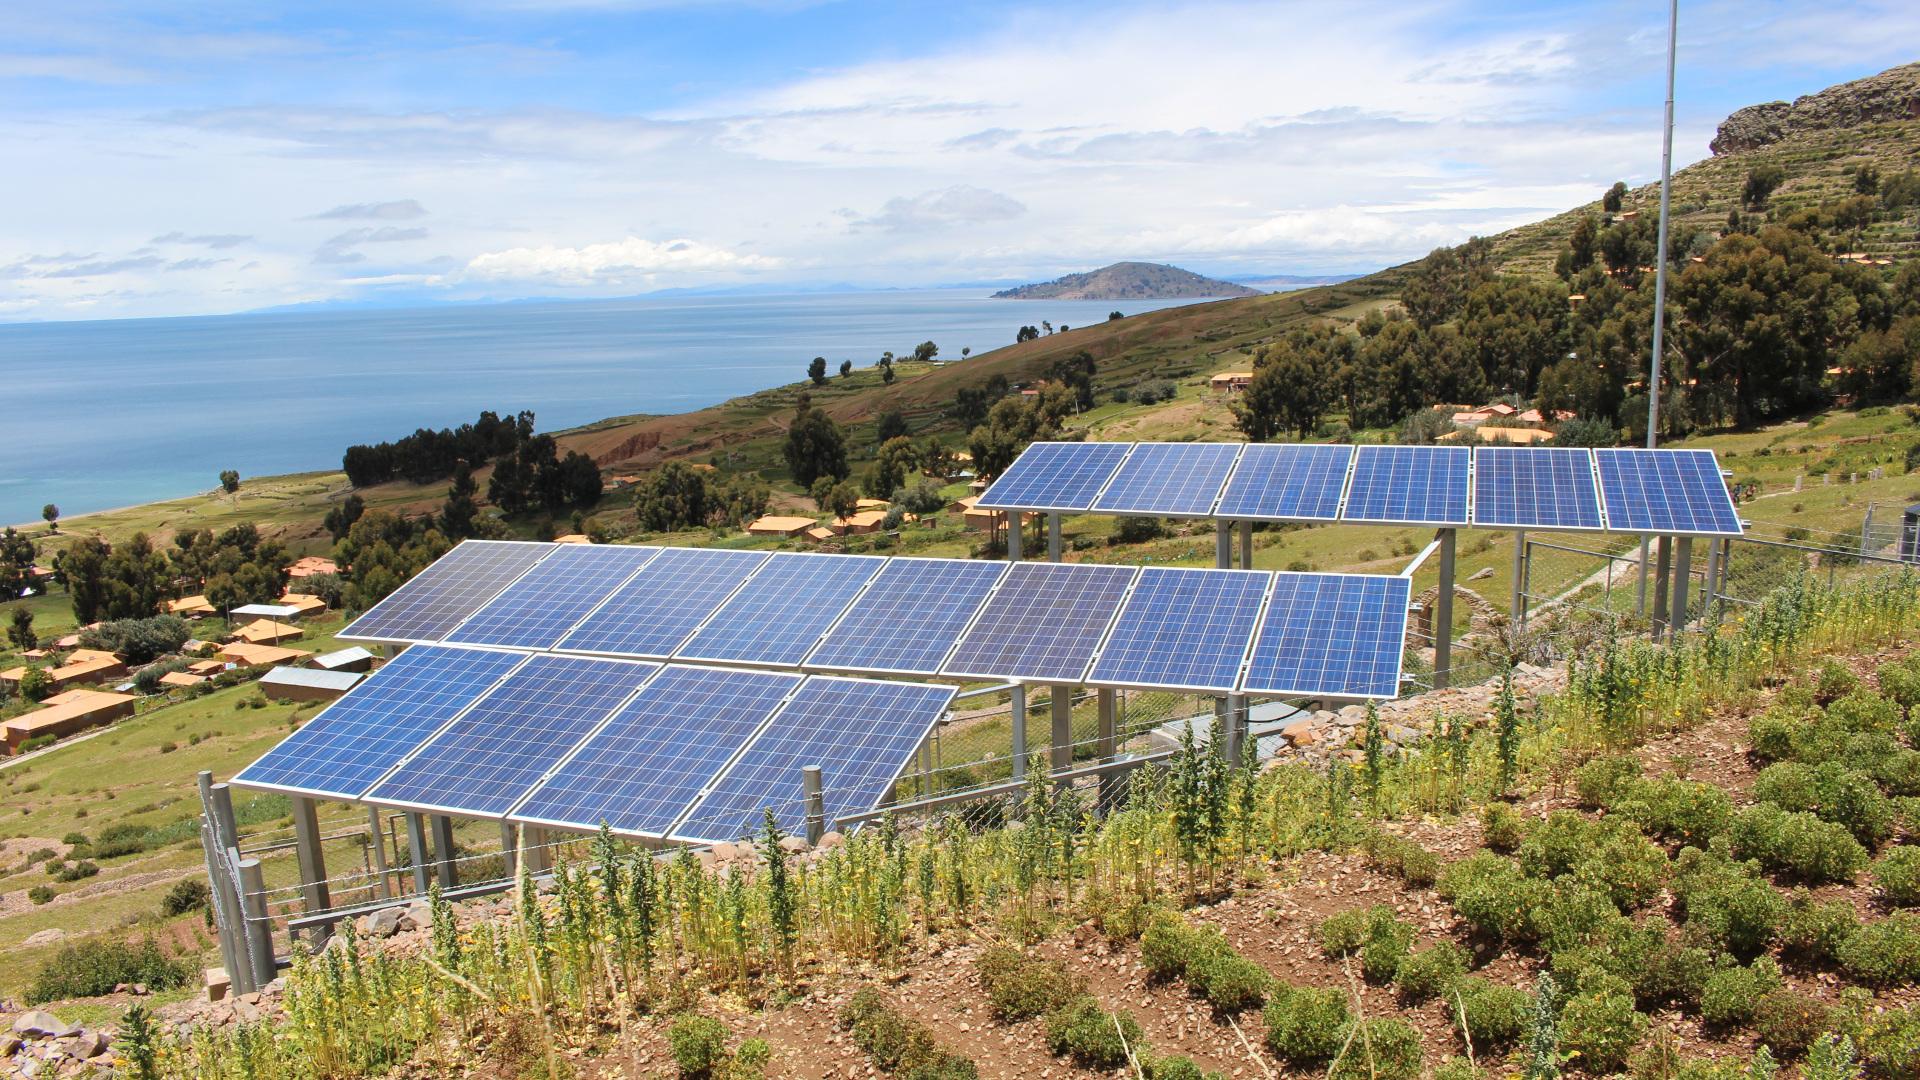 Nuevas ayudas en el sector primario para proyectos de energías renovables 1920